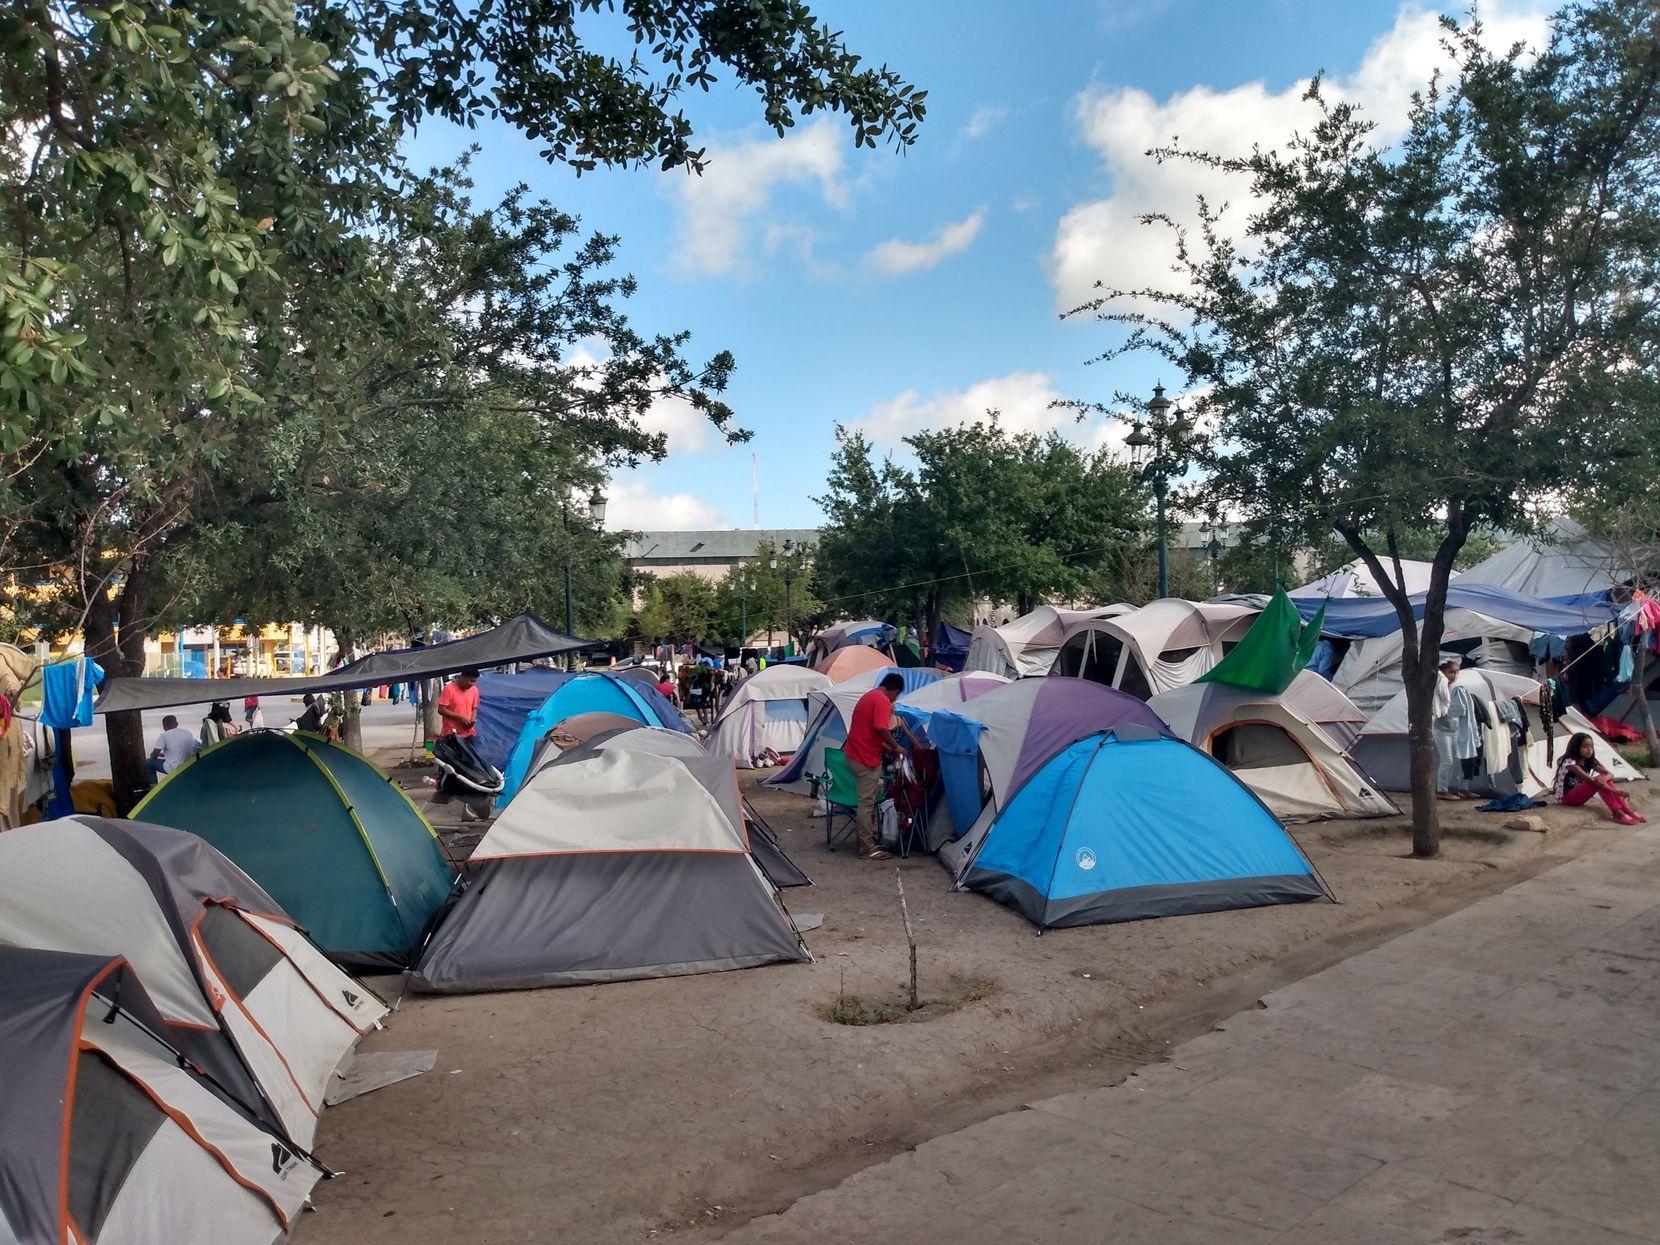 Casas de campaña se instalaron en un parque del centro de Reynosa, la ciudad mexicana vecina de Hidalgo, Texas.